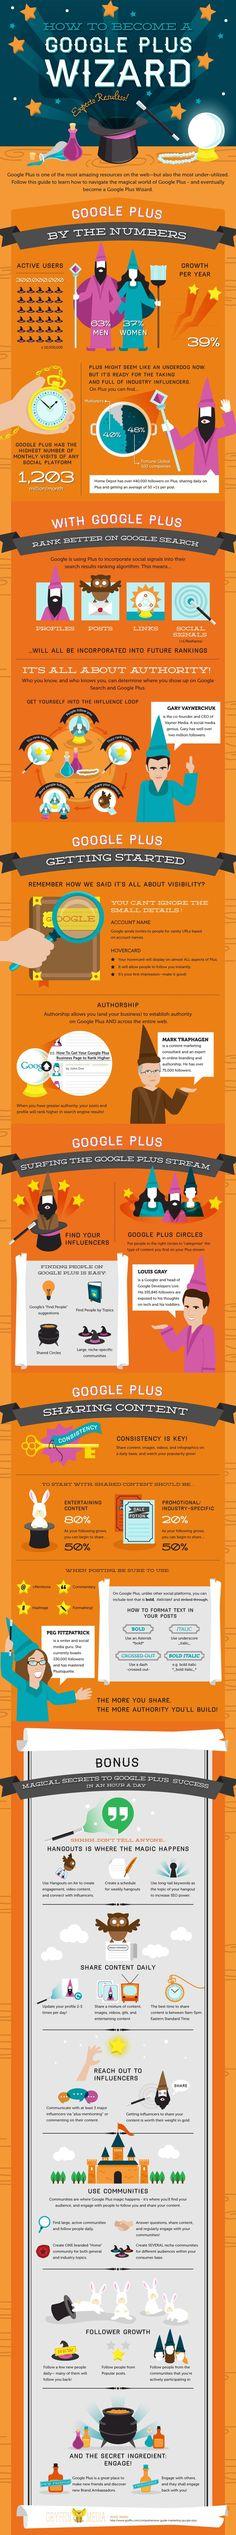 Infografik: Die geheimen Zaubertricks für den Erfolg bei Google+ - toushenne